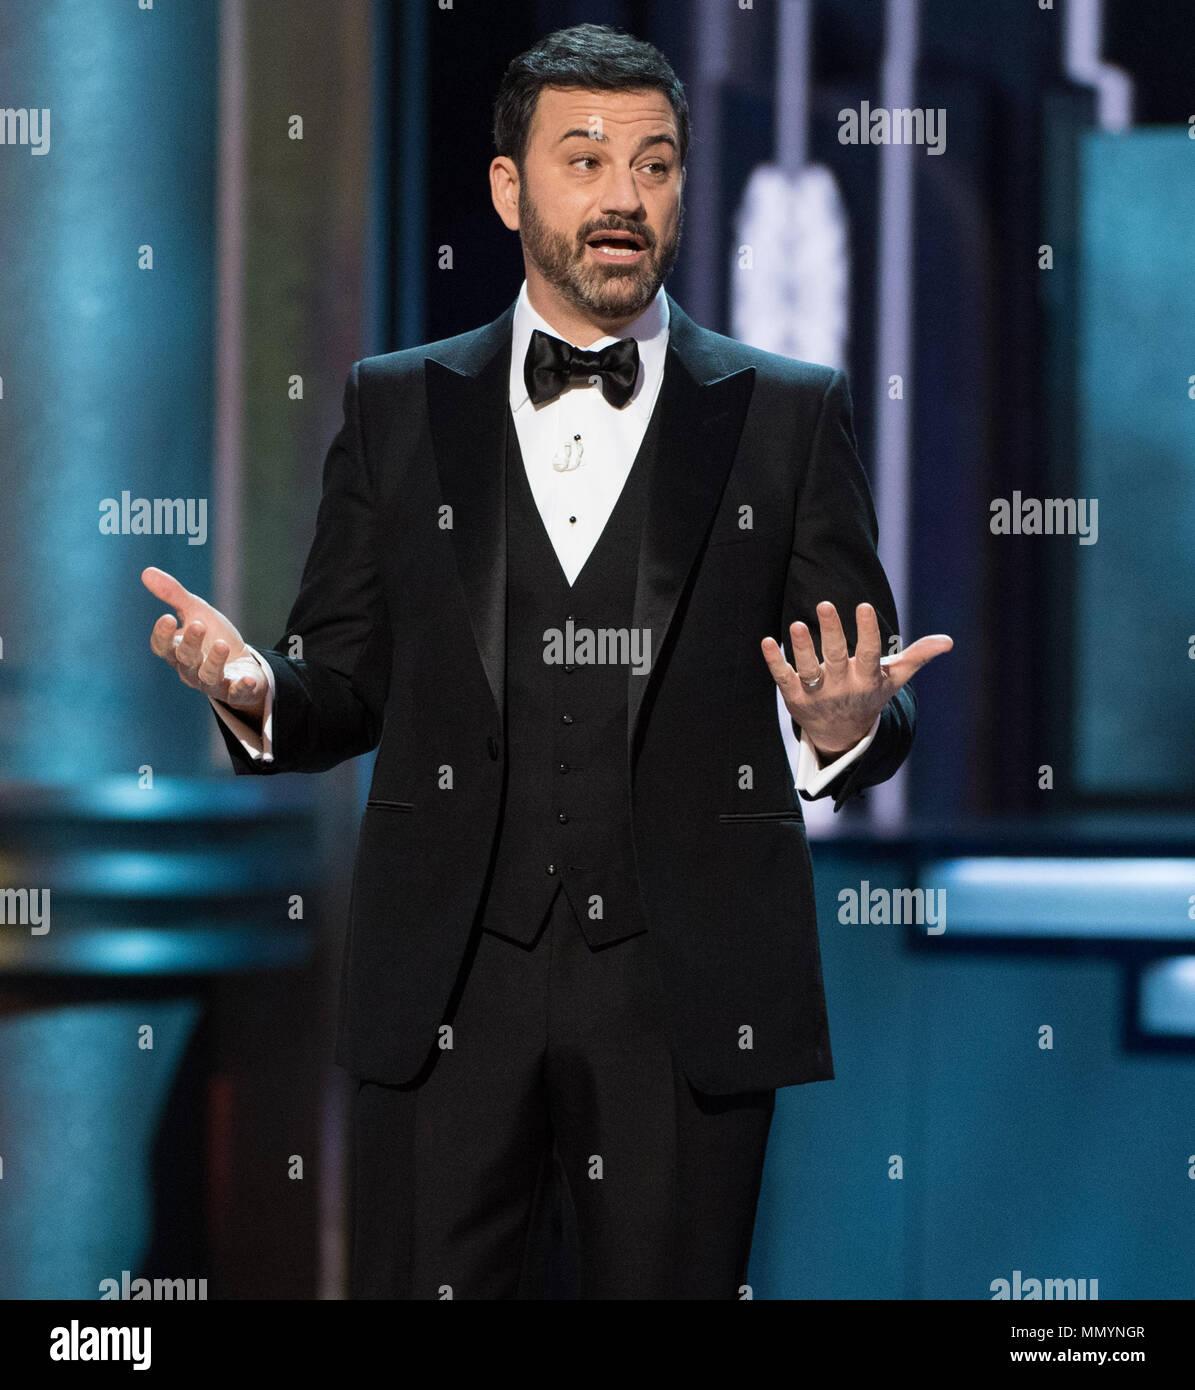 HOLLYWOOD, CA - 26. Februar: Jimmy Kimmel auf der Bühne führt während der 89. jährlichen Academy Awards in Hollywood & Highland Center am 26. Februar 2017 in Hollywood, California People: Jimmy Kimmel Stockfoto